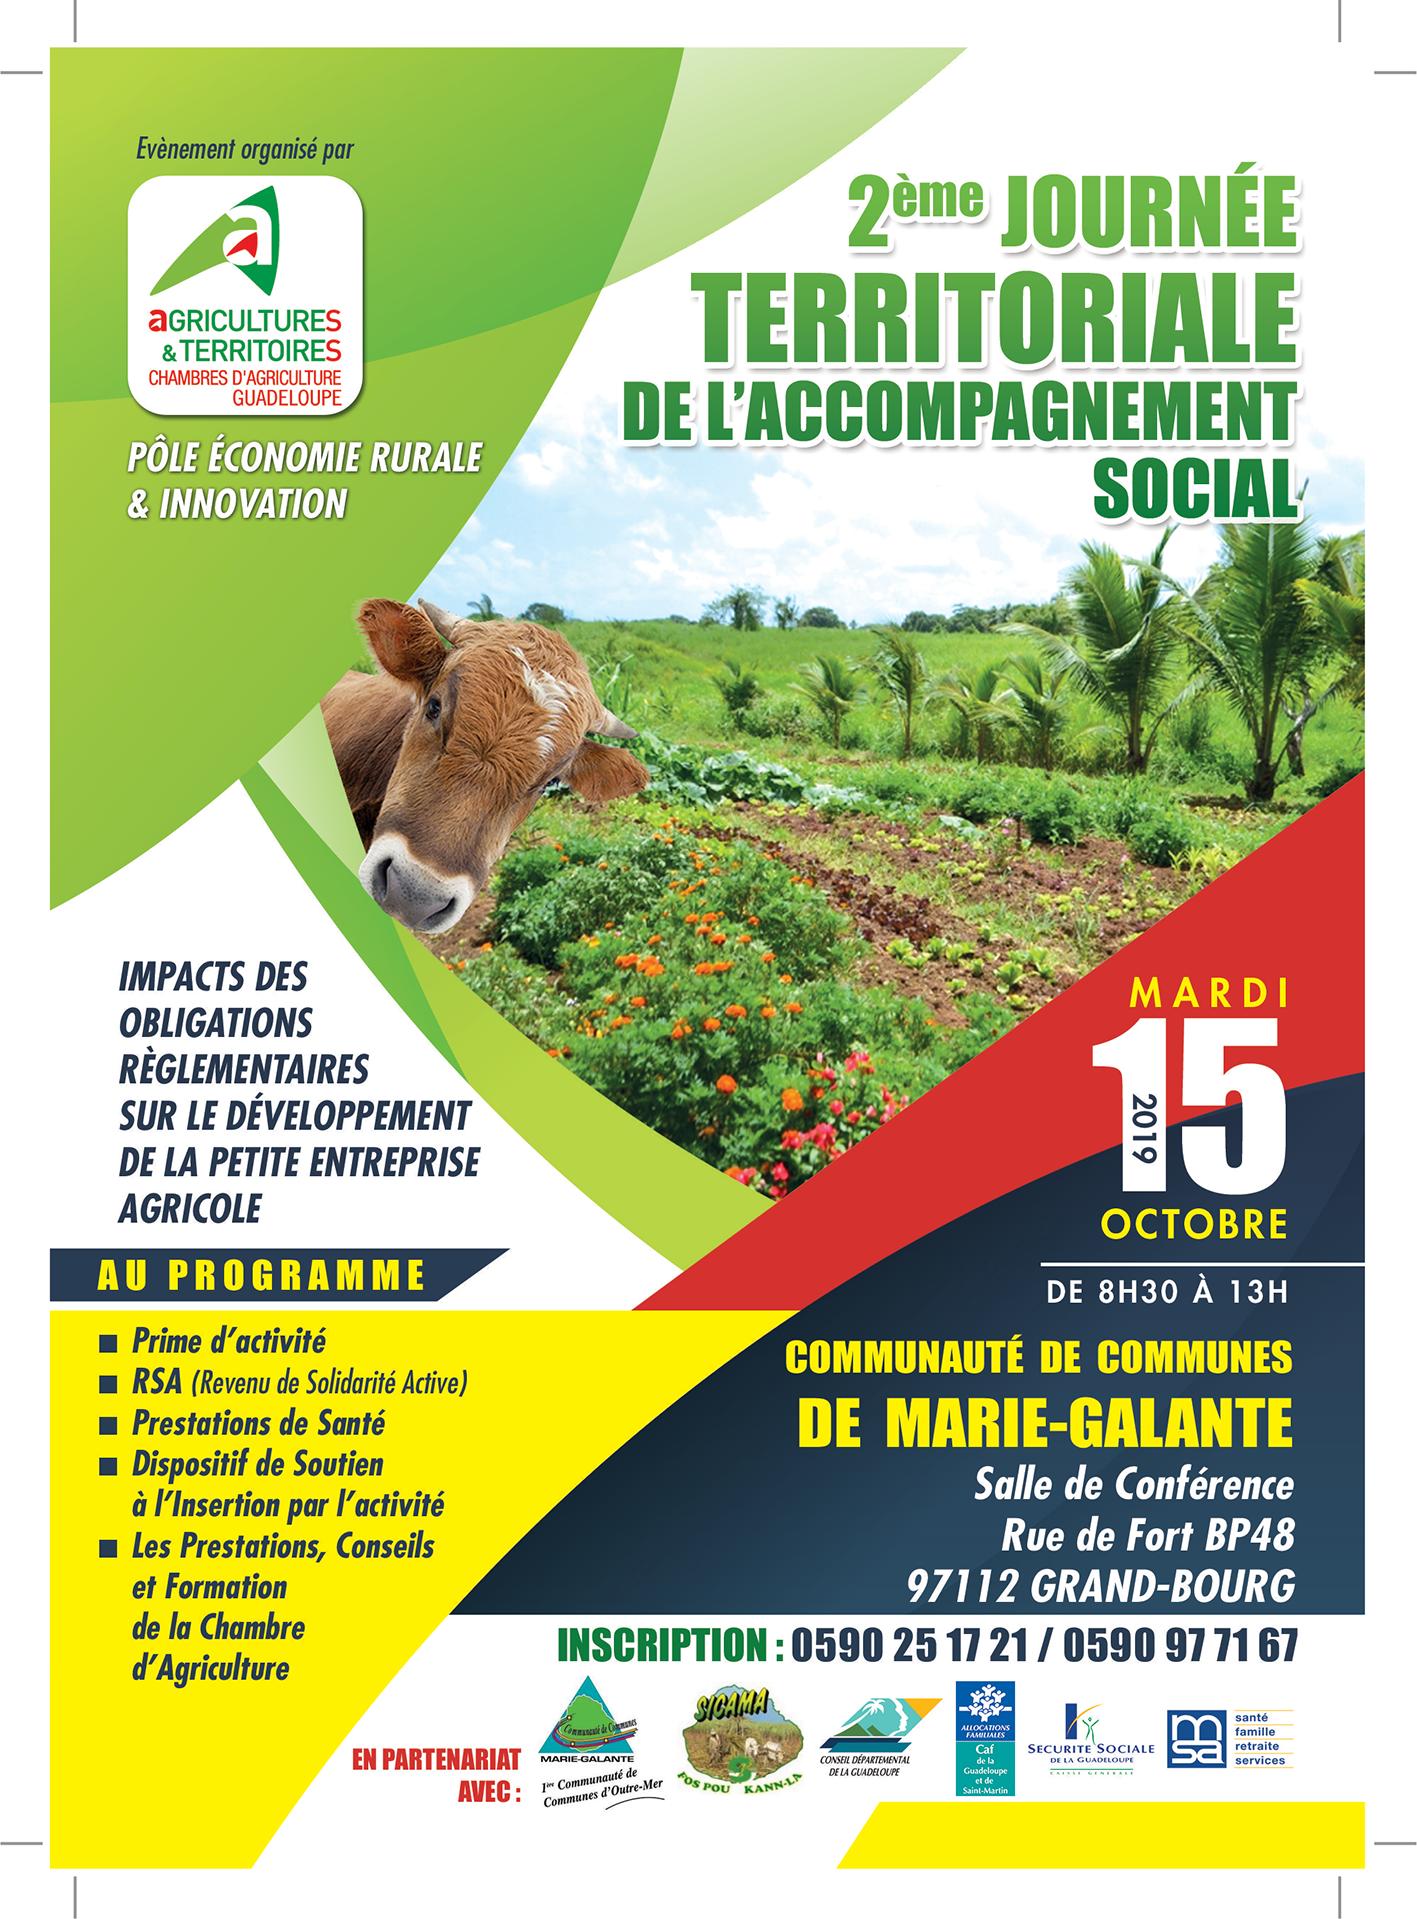 2ème Journée Territoriale de l'Accompagnement Social